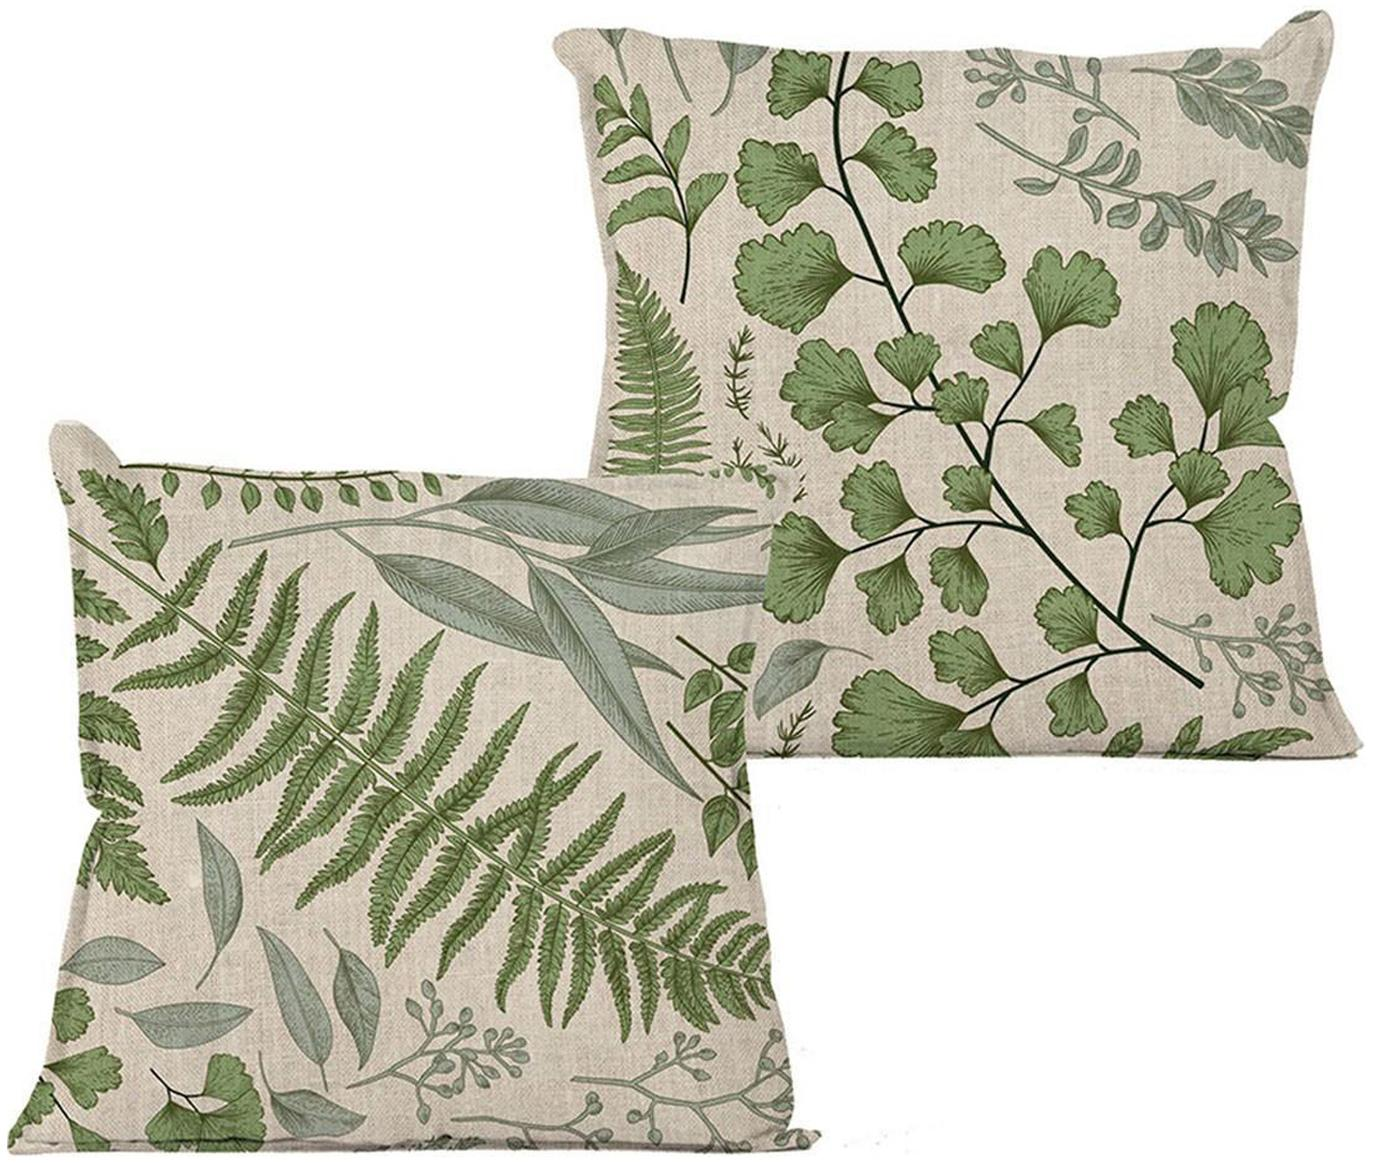 Cojín Lino, con relleno, Funda: lino, Verde, beige, An 45 x L 45 cm